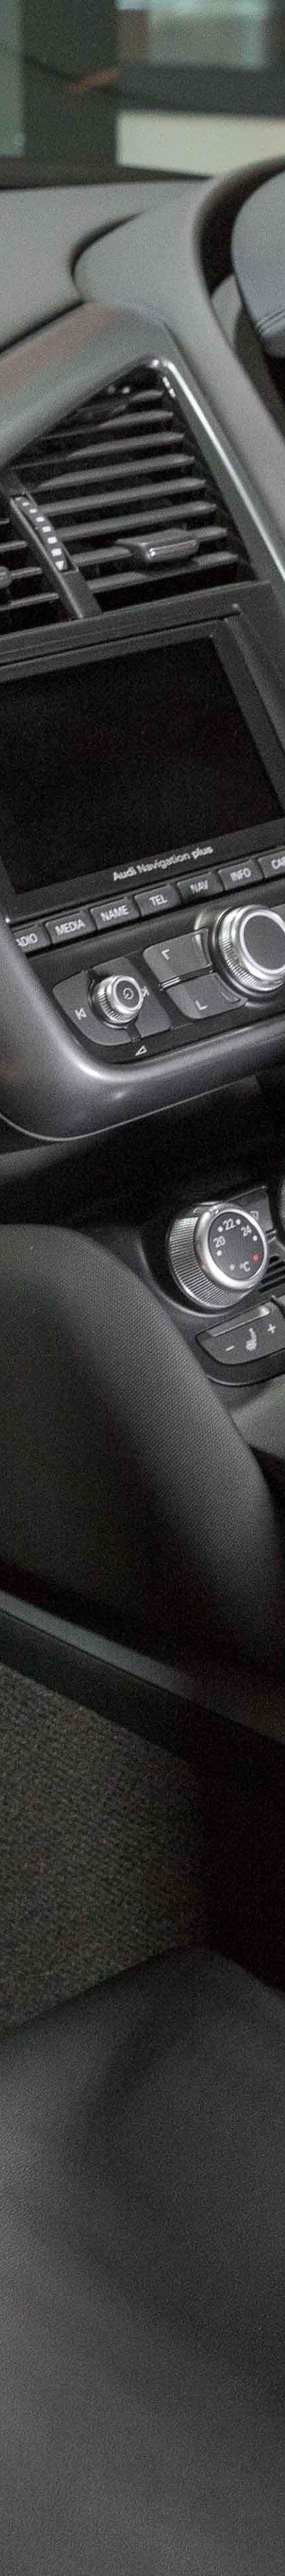 2011 Audi R8 MY11 Quattro- sold in Australia